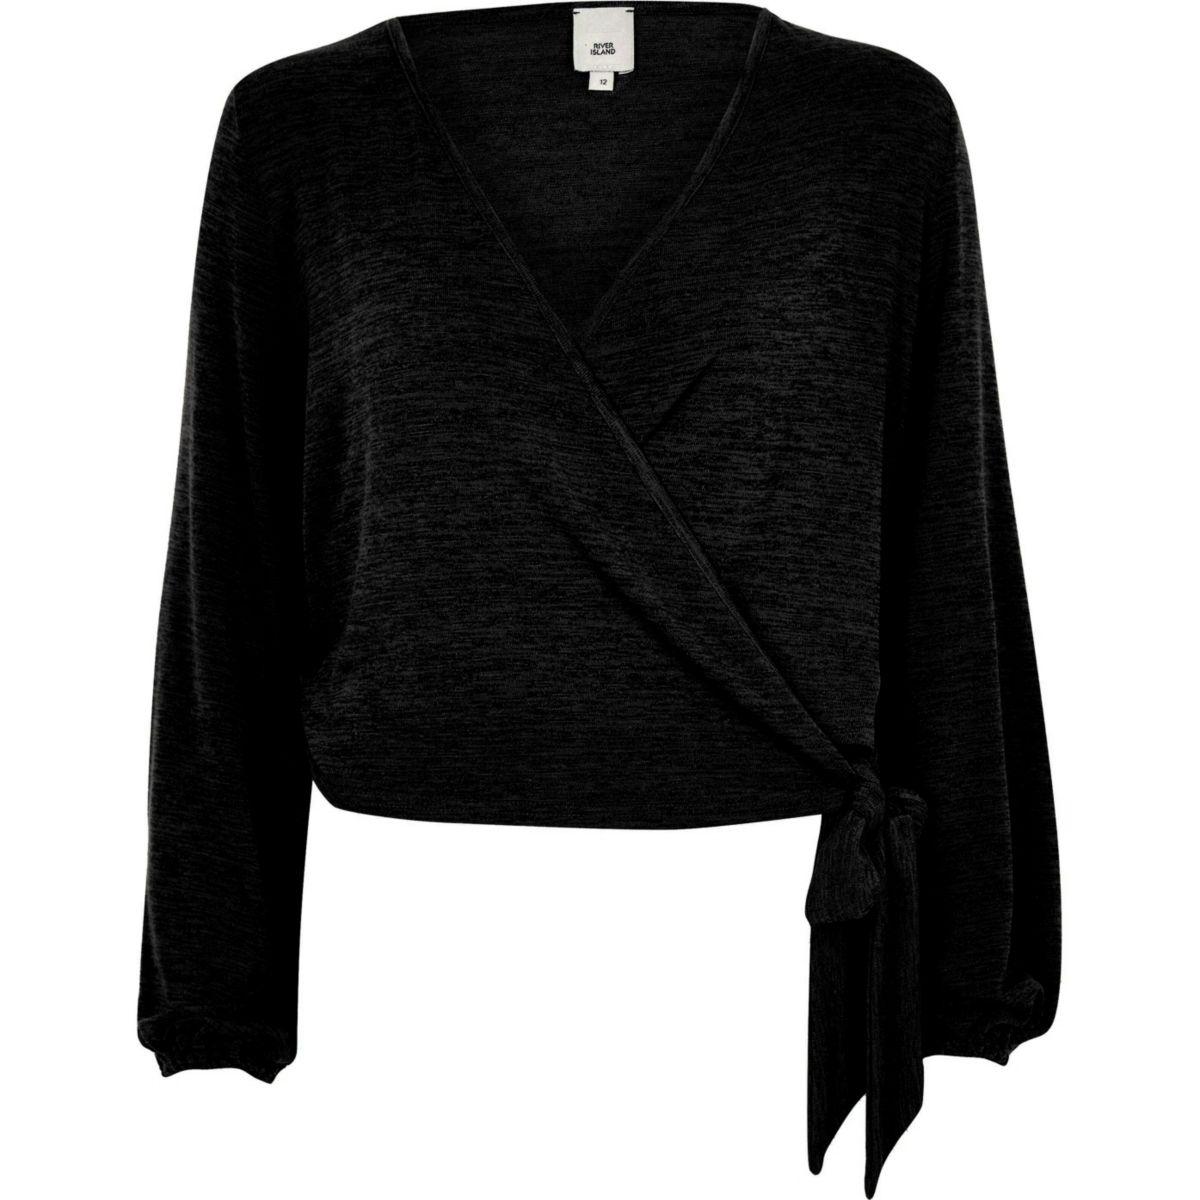 Black knit wrap ballet top